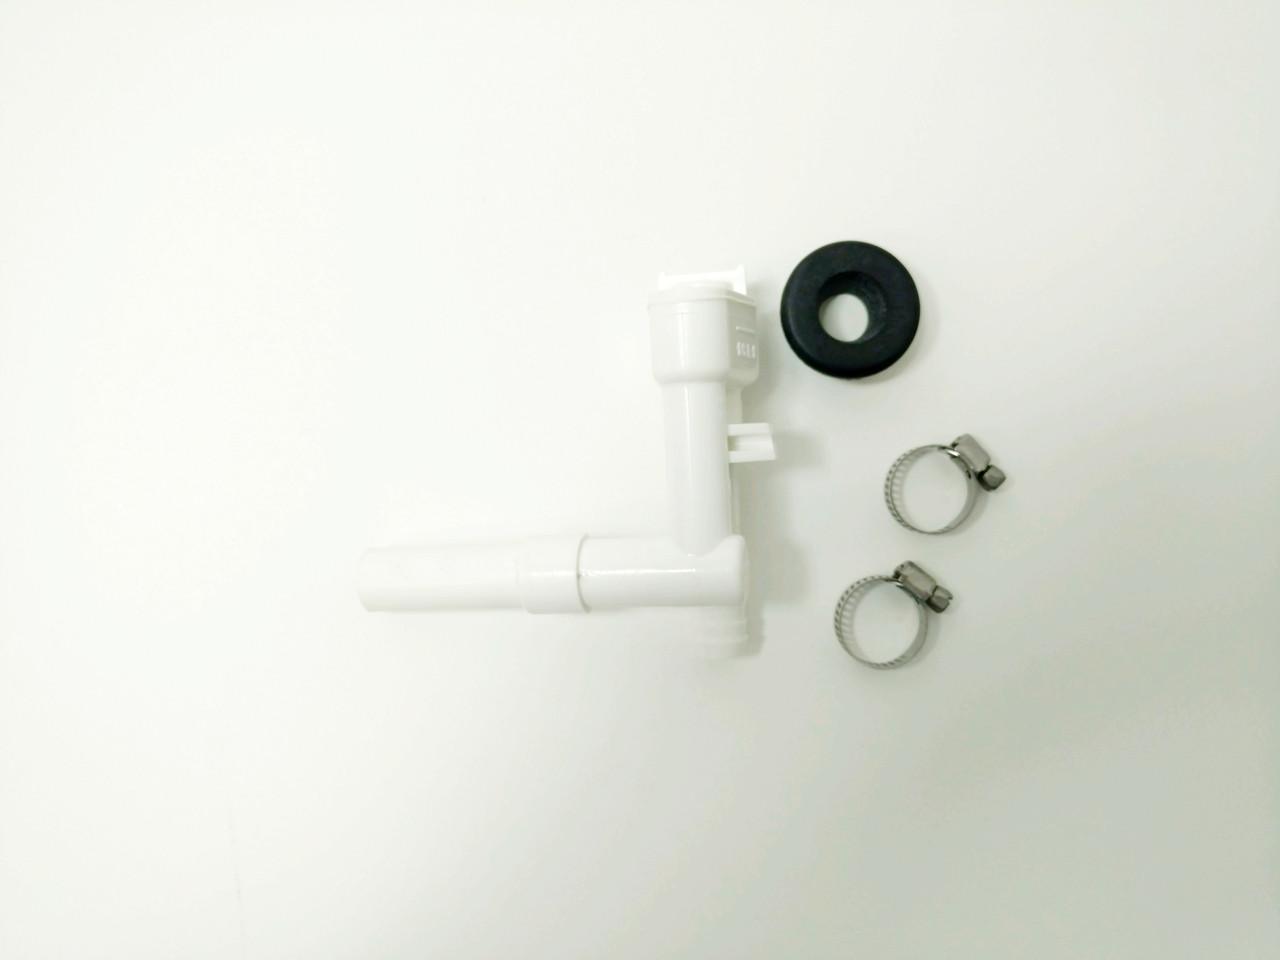 SeaLand Dometic VACUUM BREAKER KIT 316906 VacuFlush//Traveler